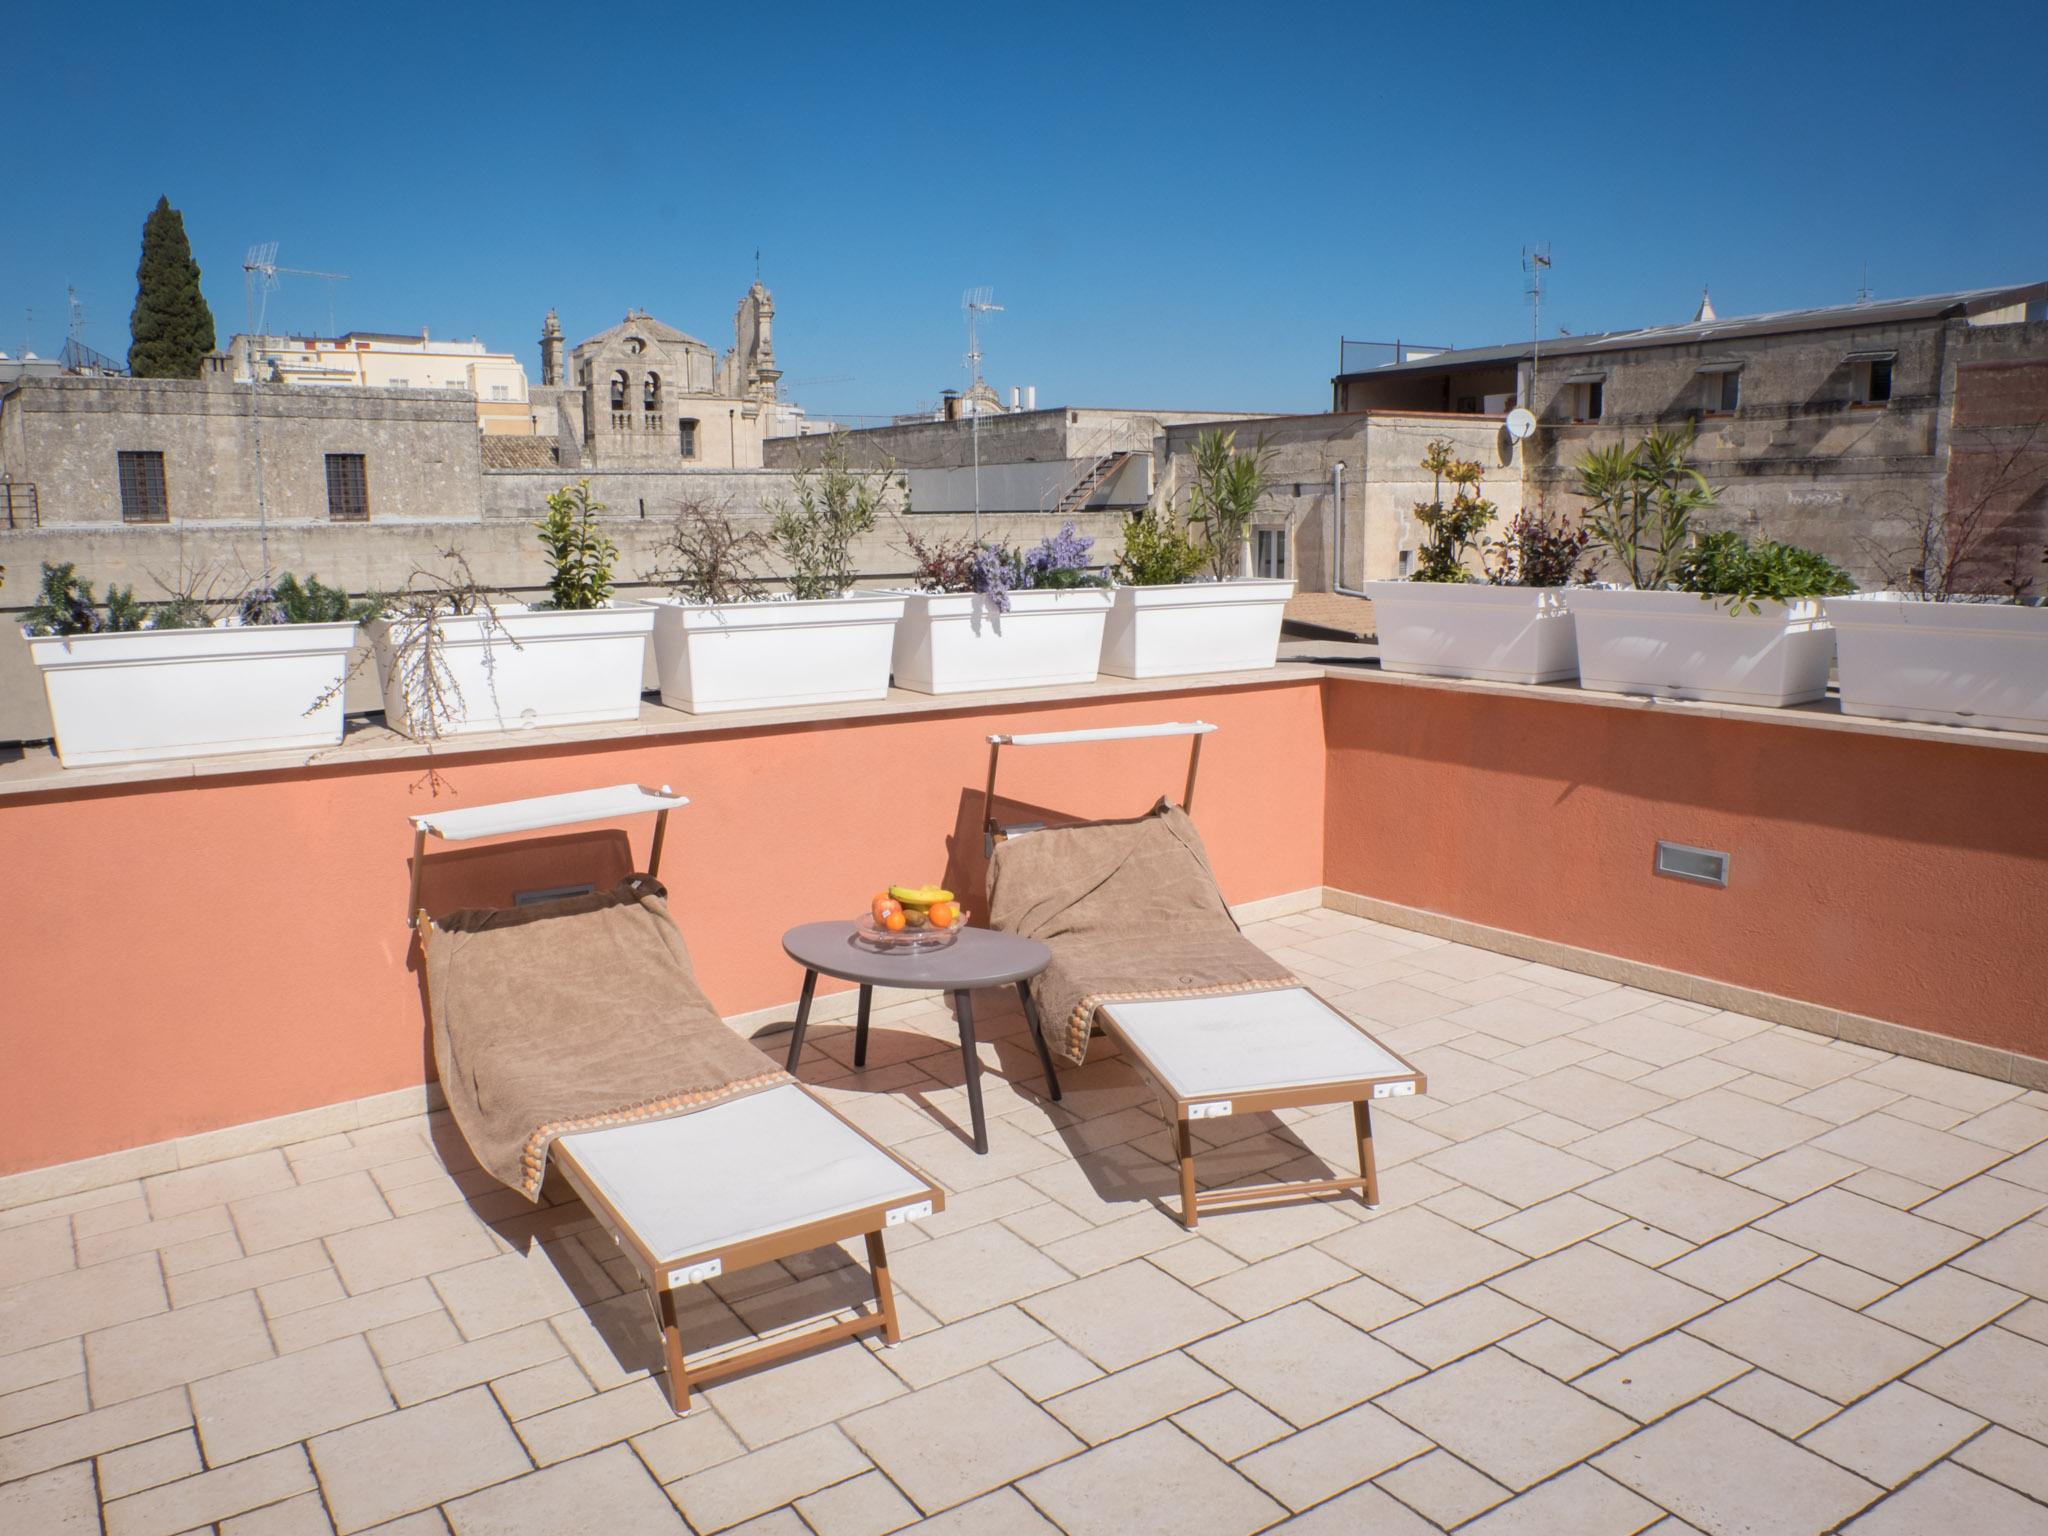 sanniti apartments la-casa-dei-nonni-casa-vacanze-bb-camere-dormire-sassi-di-matera-basilicata-37